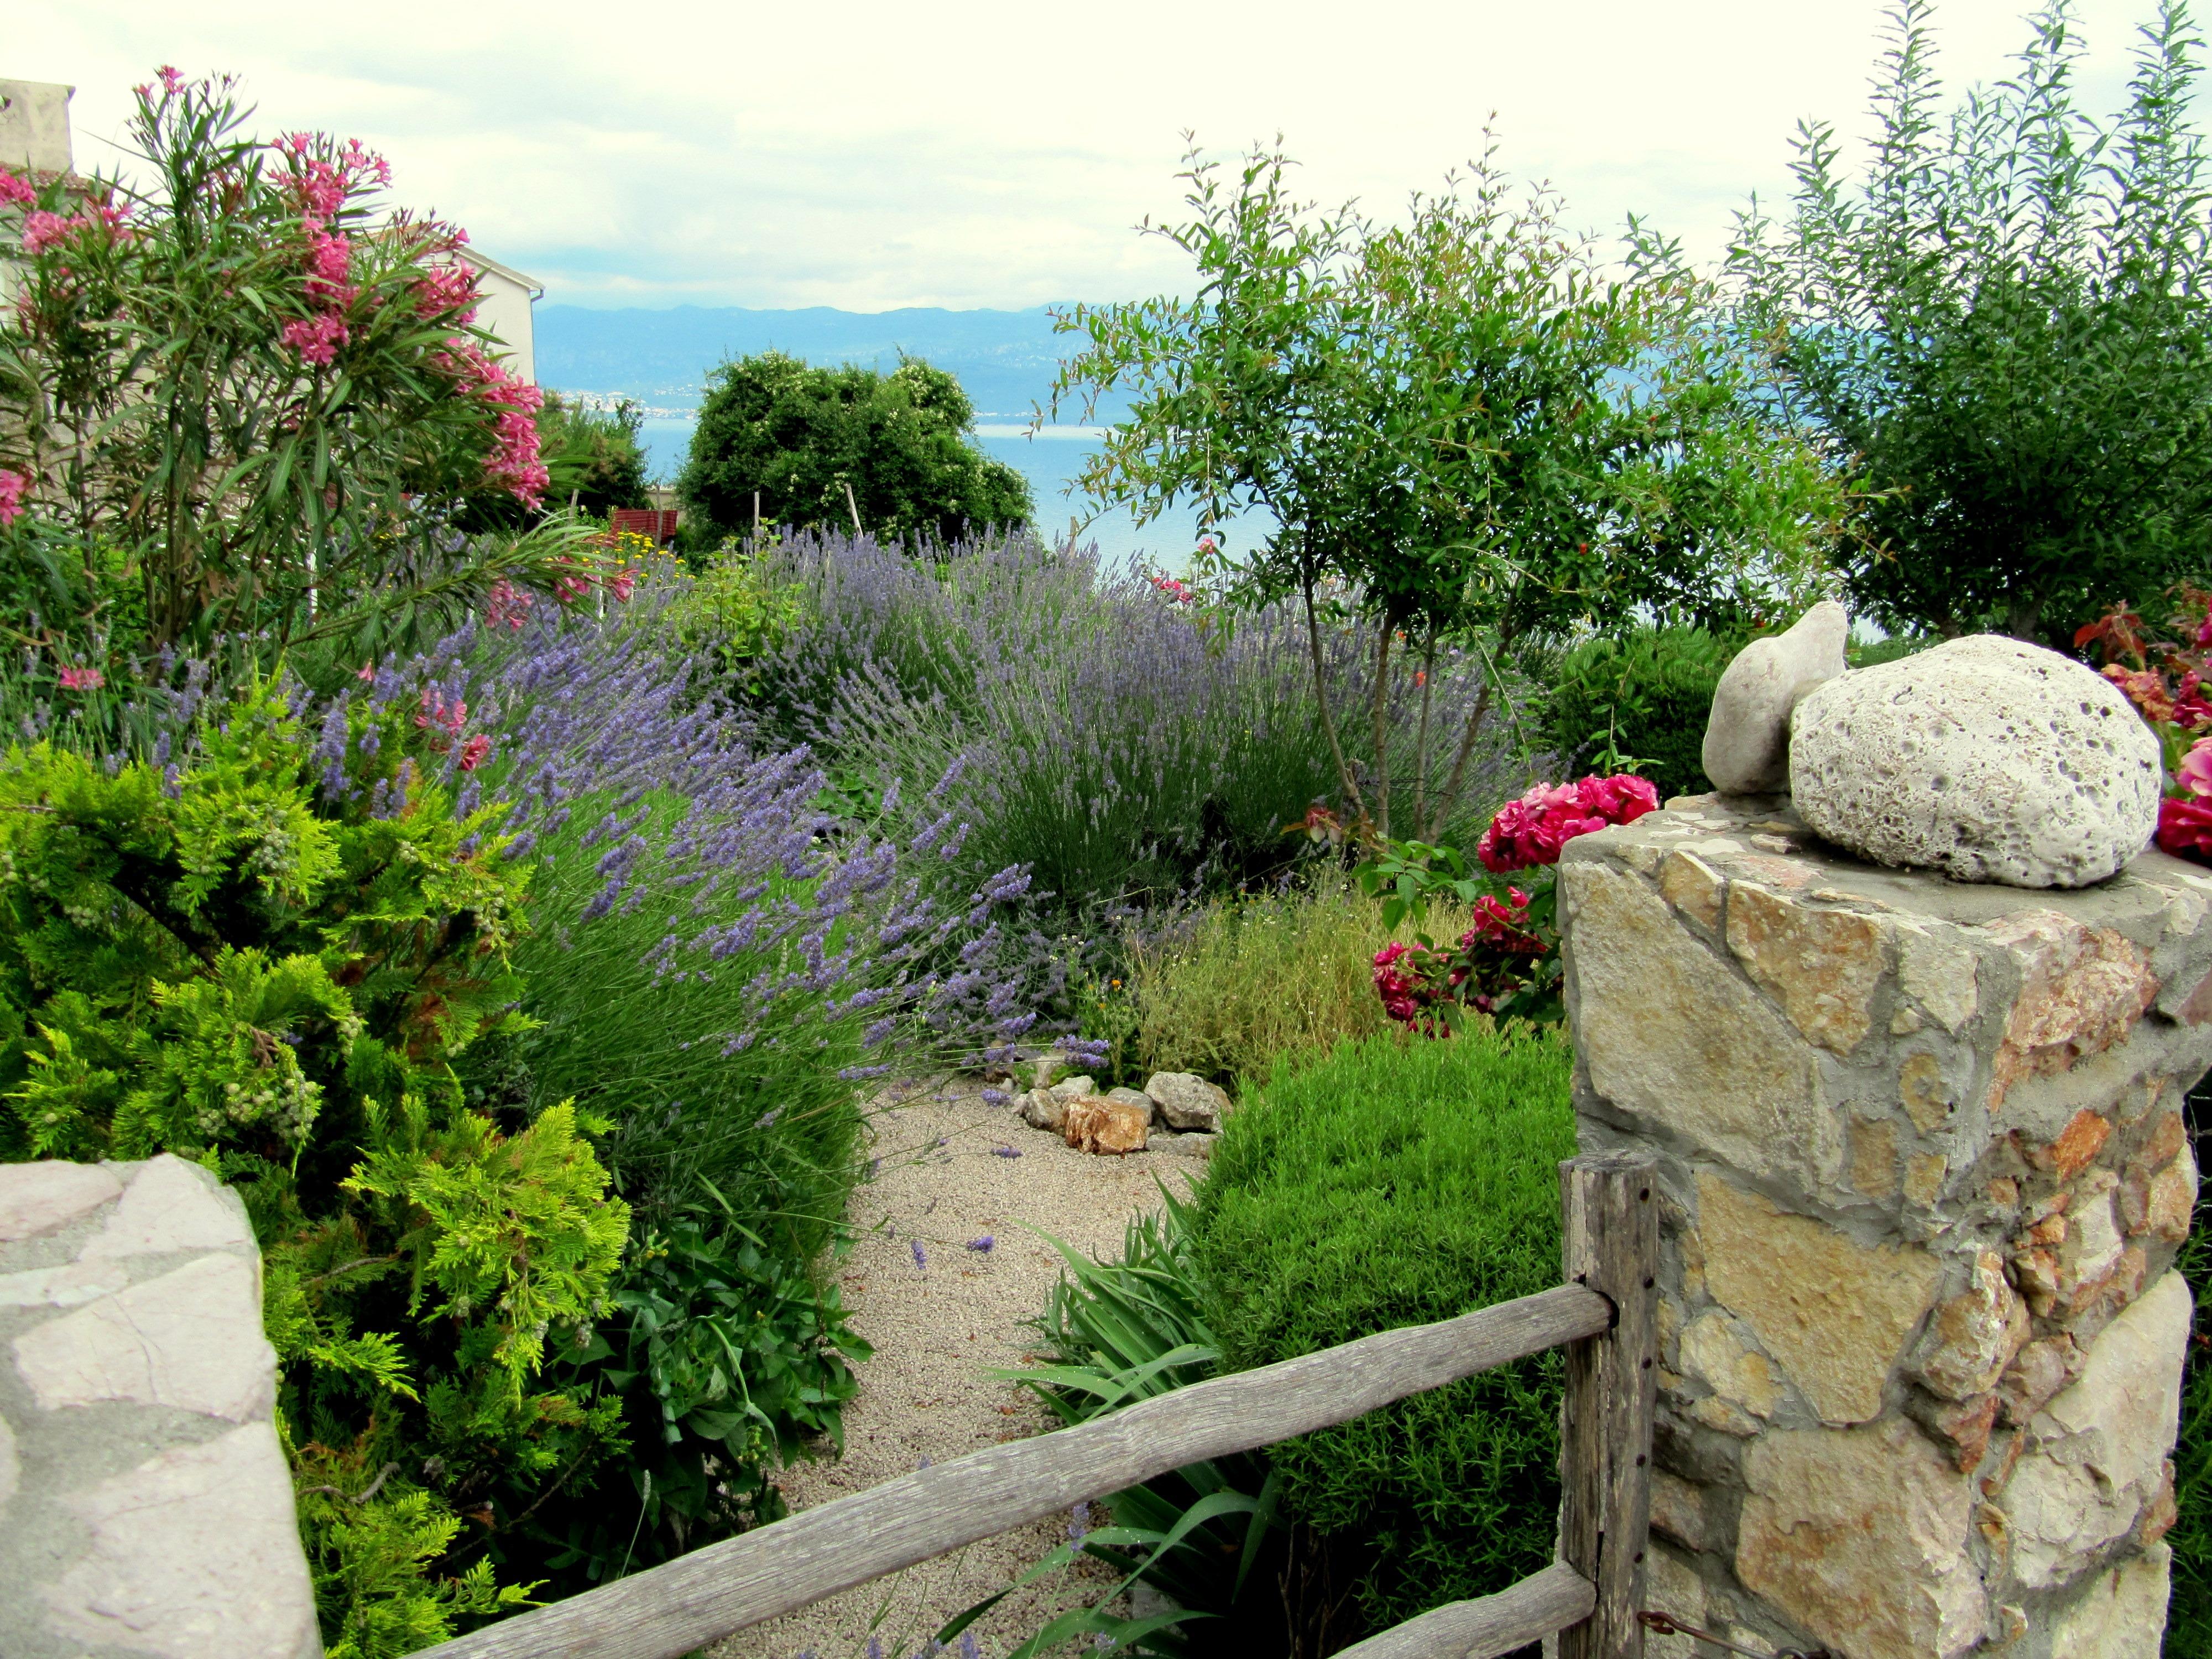 kostenlose foto landschaft gras rock bl hen pflanze rasen blume mauer stein gehweg. Black Bedroom Furniture Sets. Home Design Ideas